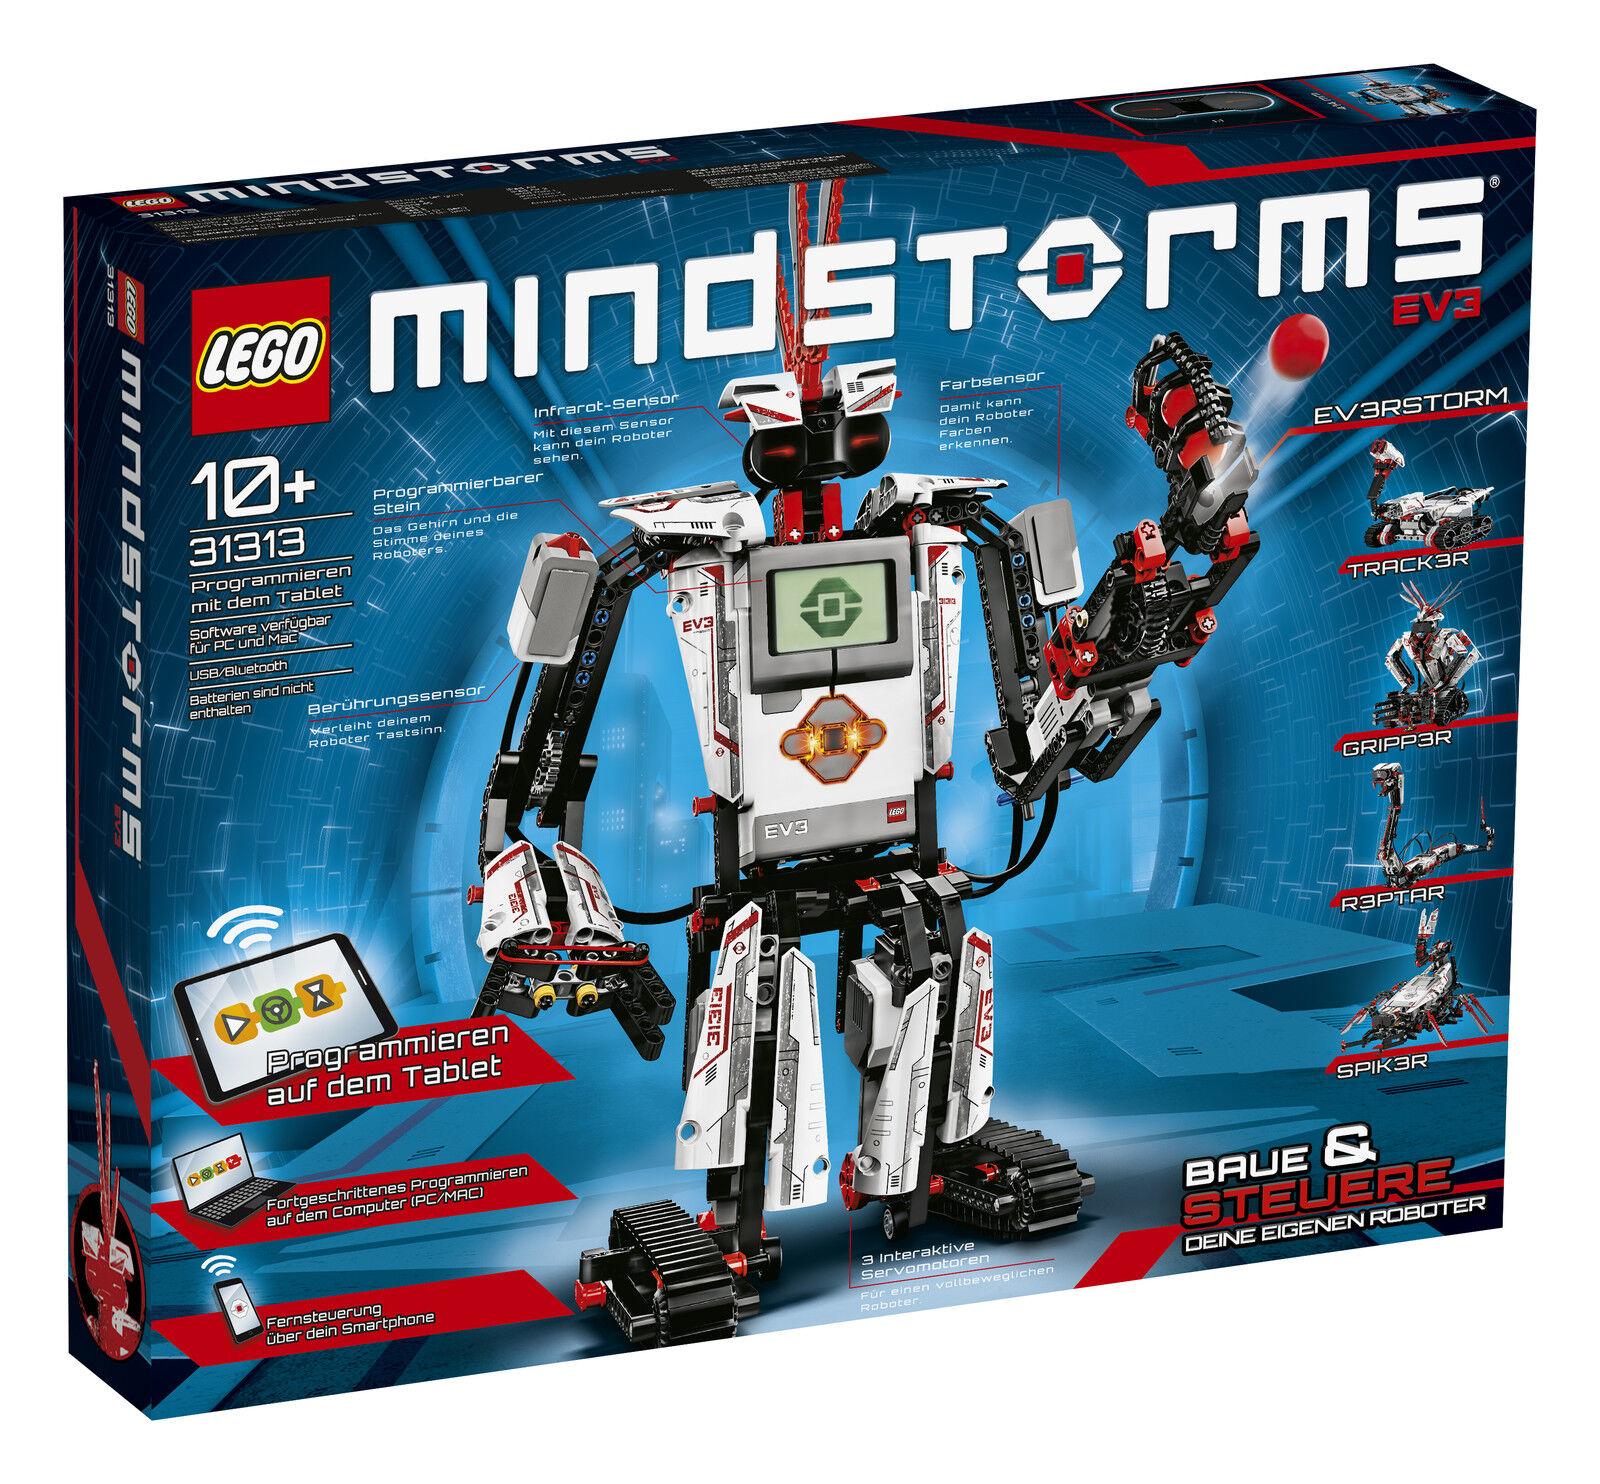 LEGO ® 31313 Mindstorms ® ev3 Robotics Production Nouveau neuf dans sa boîte _ NEW En parfait état, dans sa boîte scellée Boîte d'origine jamais ouverte